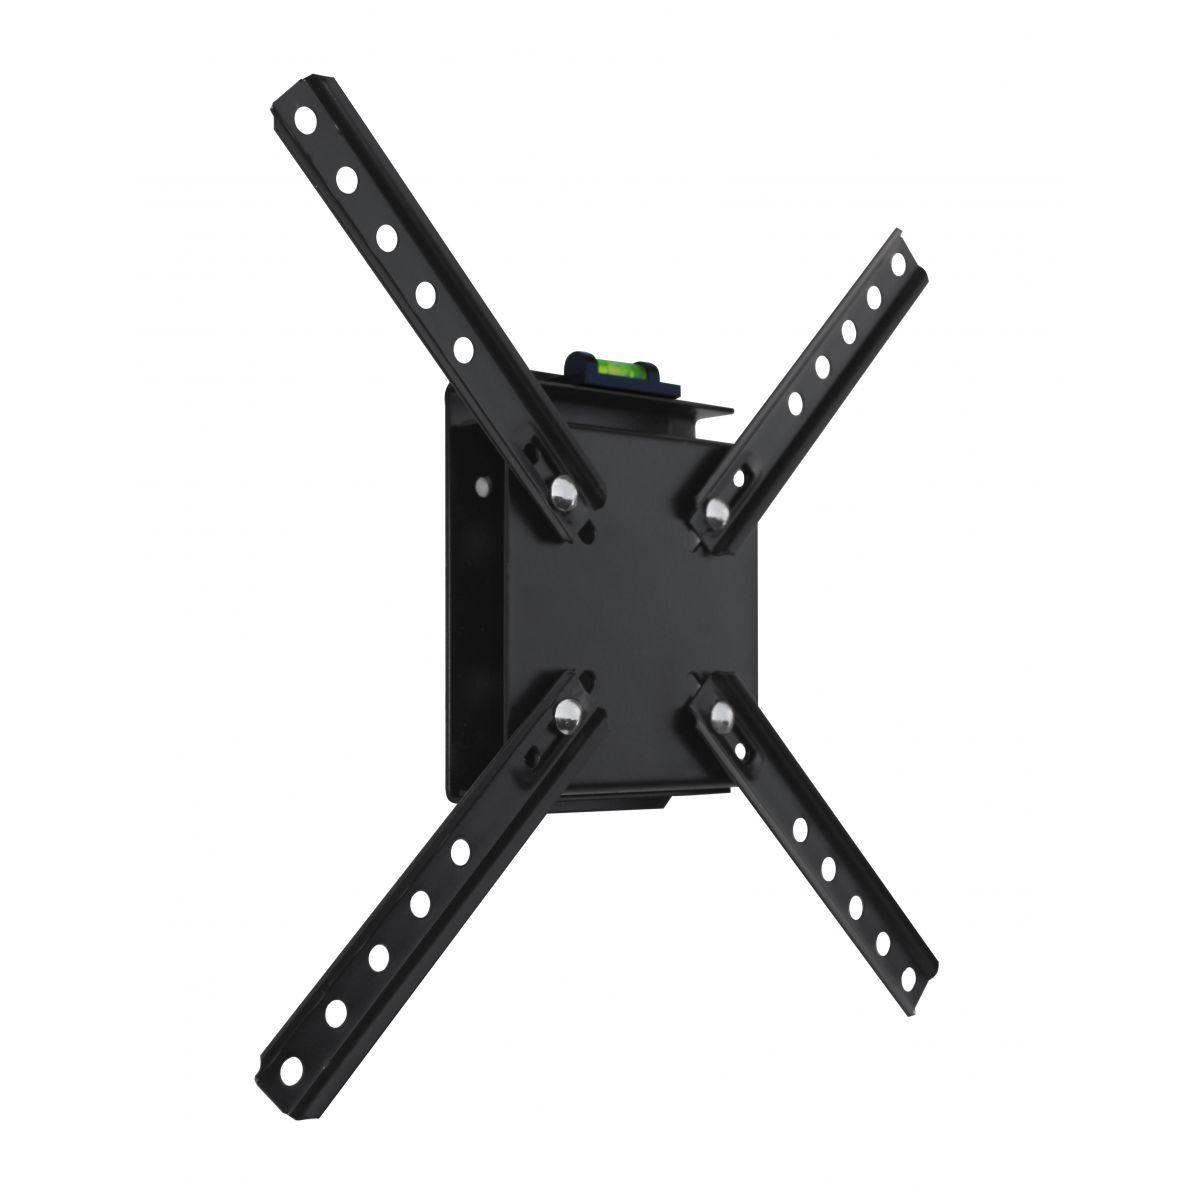 Suporte de parede para TV Plasma/LCD de 10´ à 55´ - 1 Movimento Vertical  Brasforma SBRP110